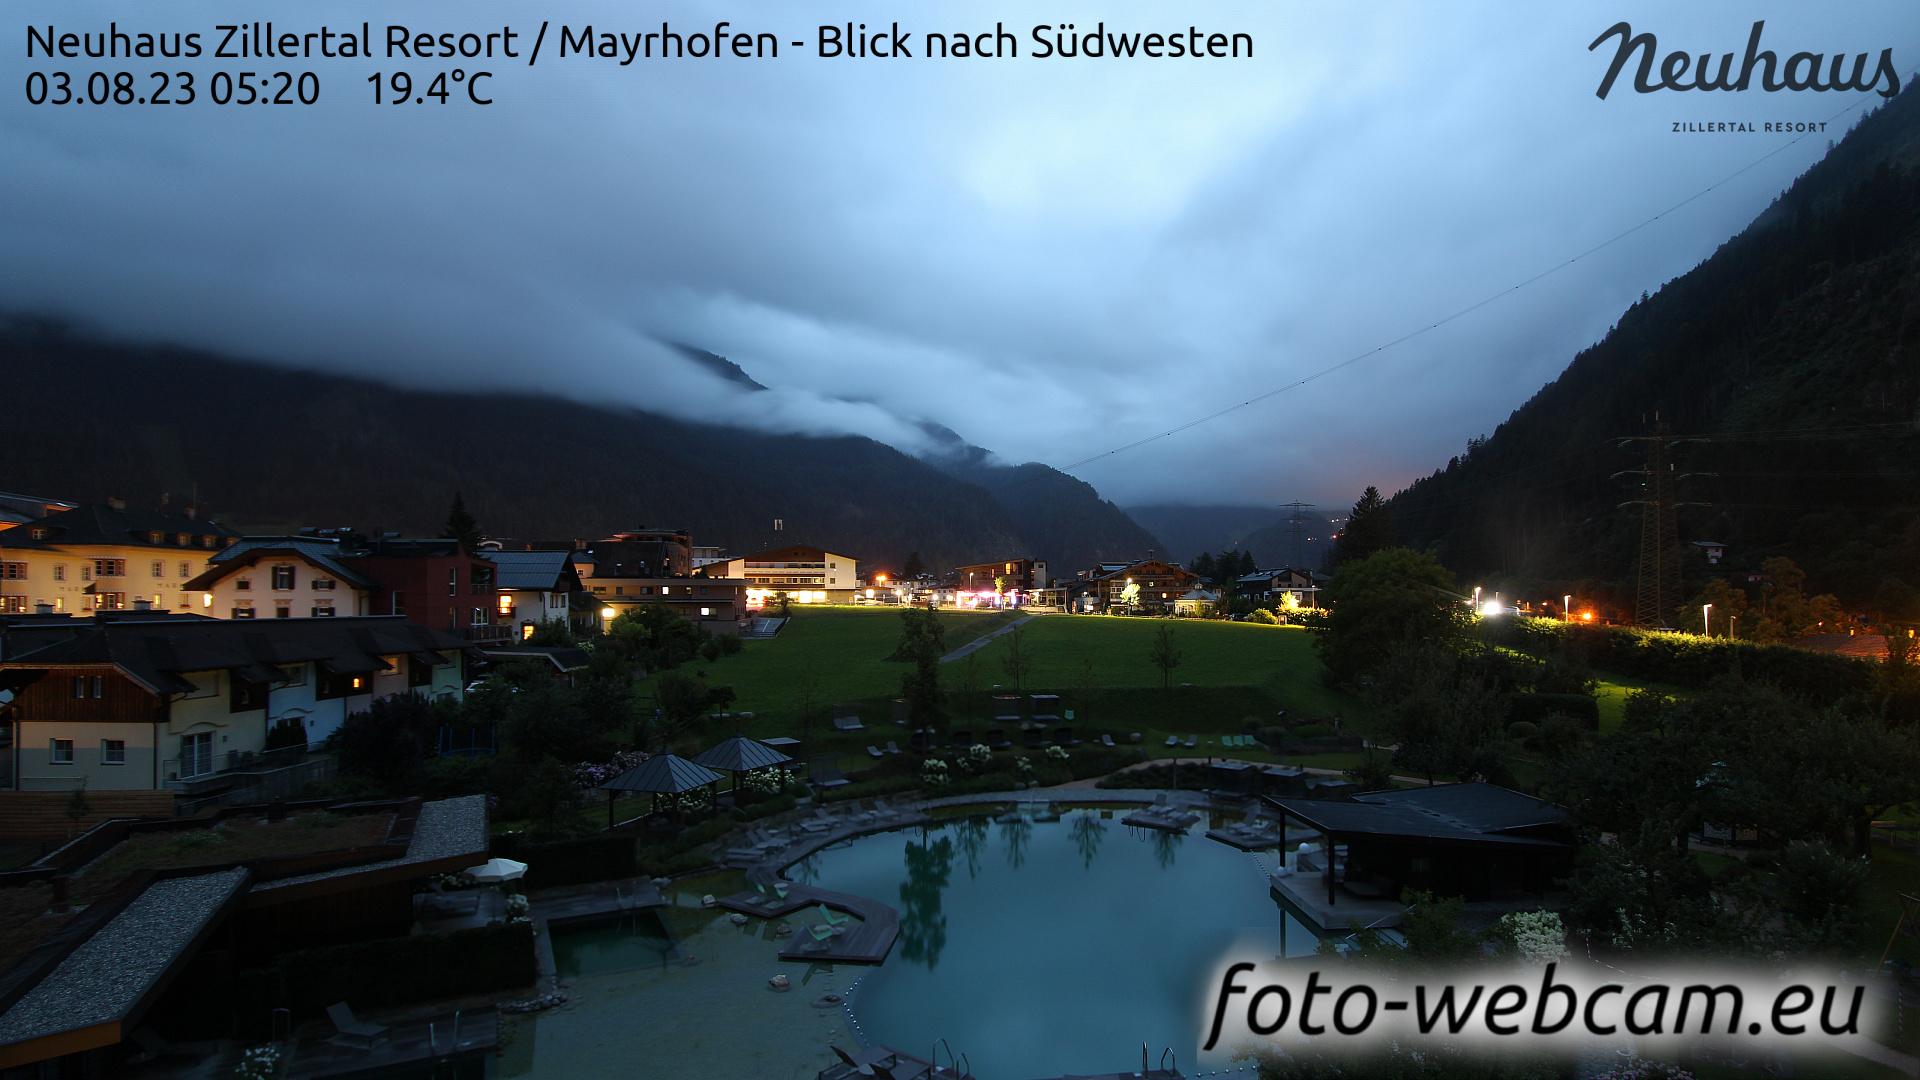 Mayrhofen Mon. 05:33